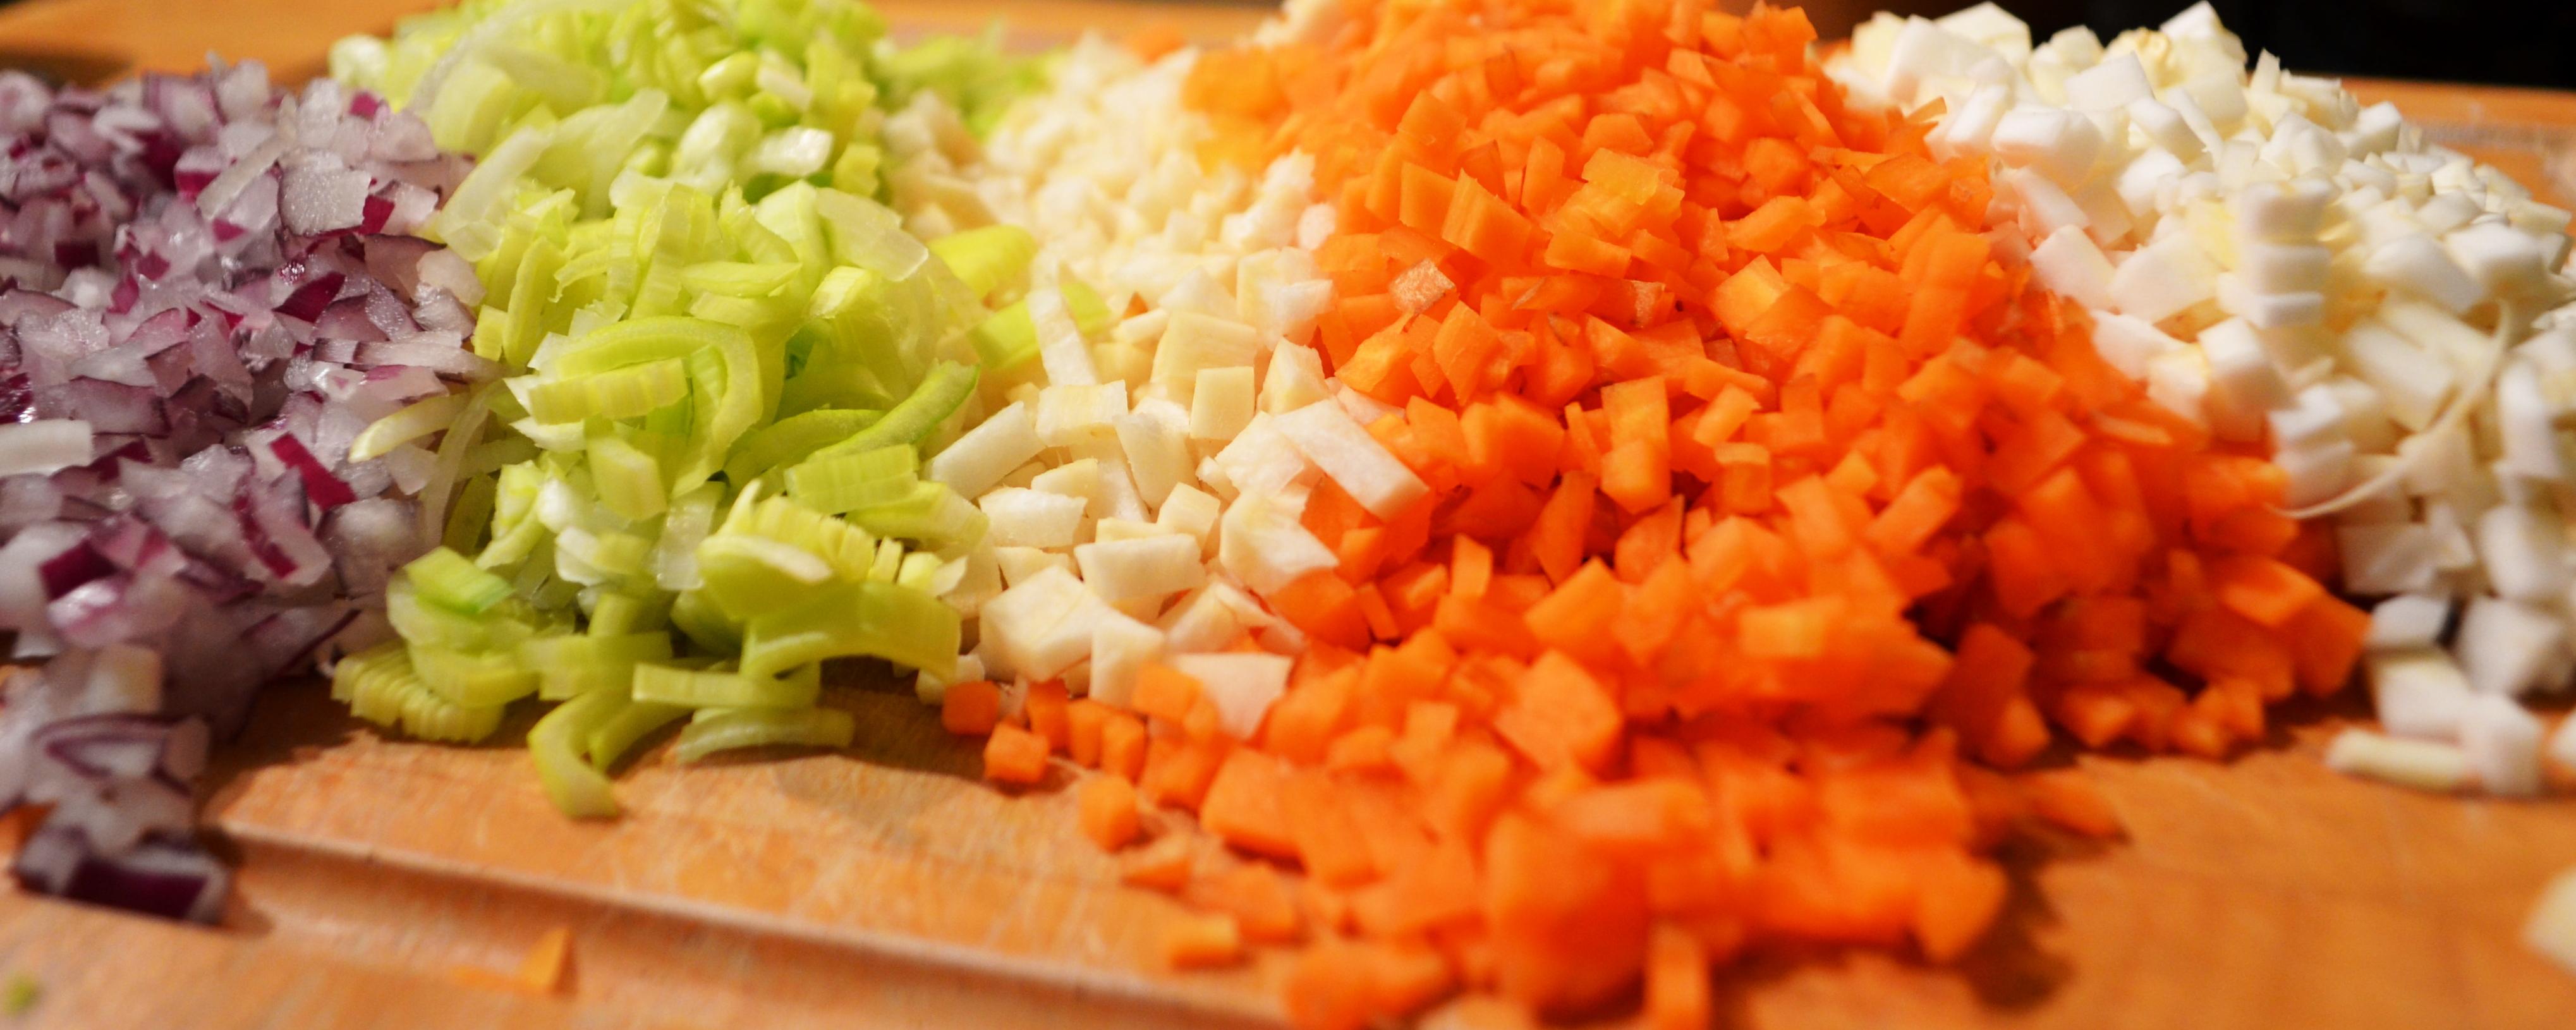 Ihr müsst das Gemüse in ganz feine Würfel schneiden.